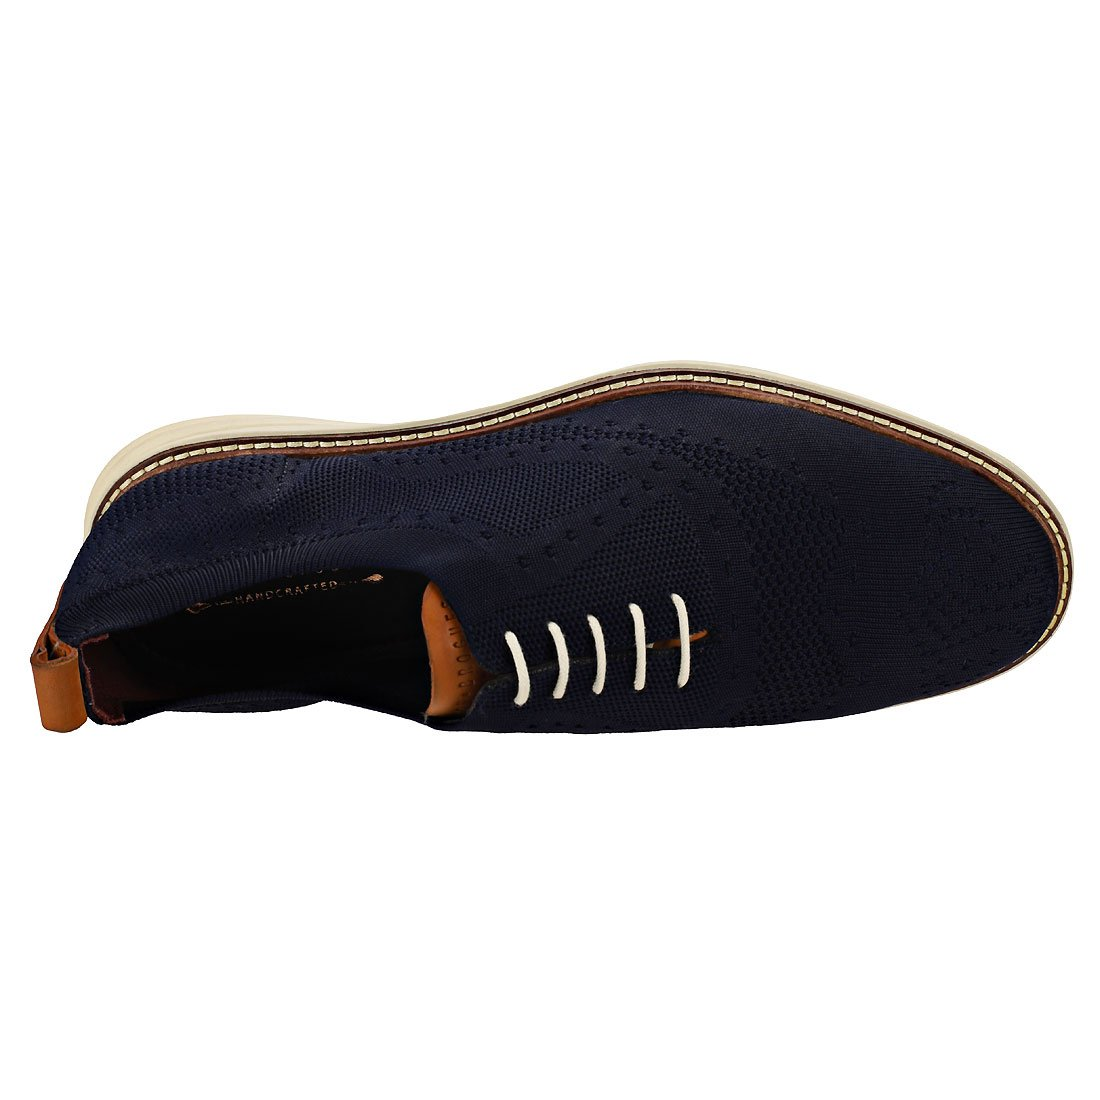 London Brogues Austin Schuhe Herren Schuhe Austin Navy Navy 7bb8d1